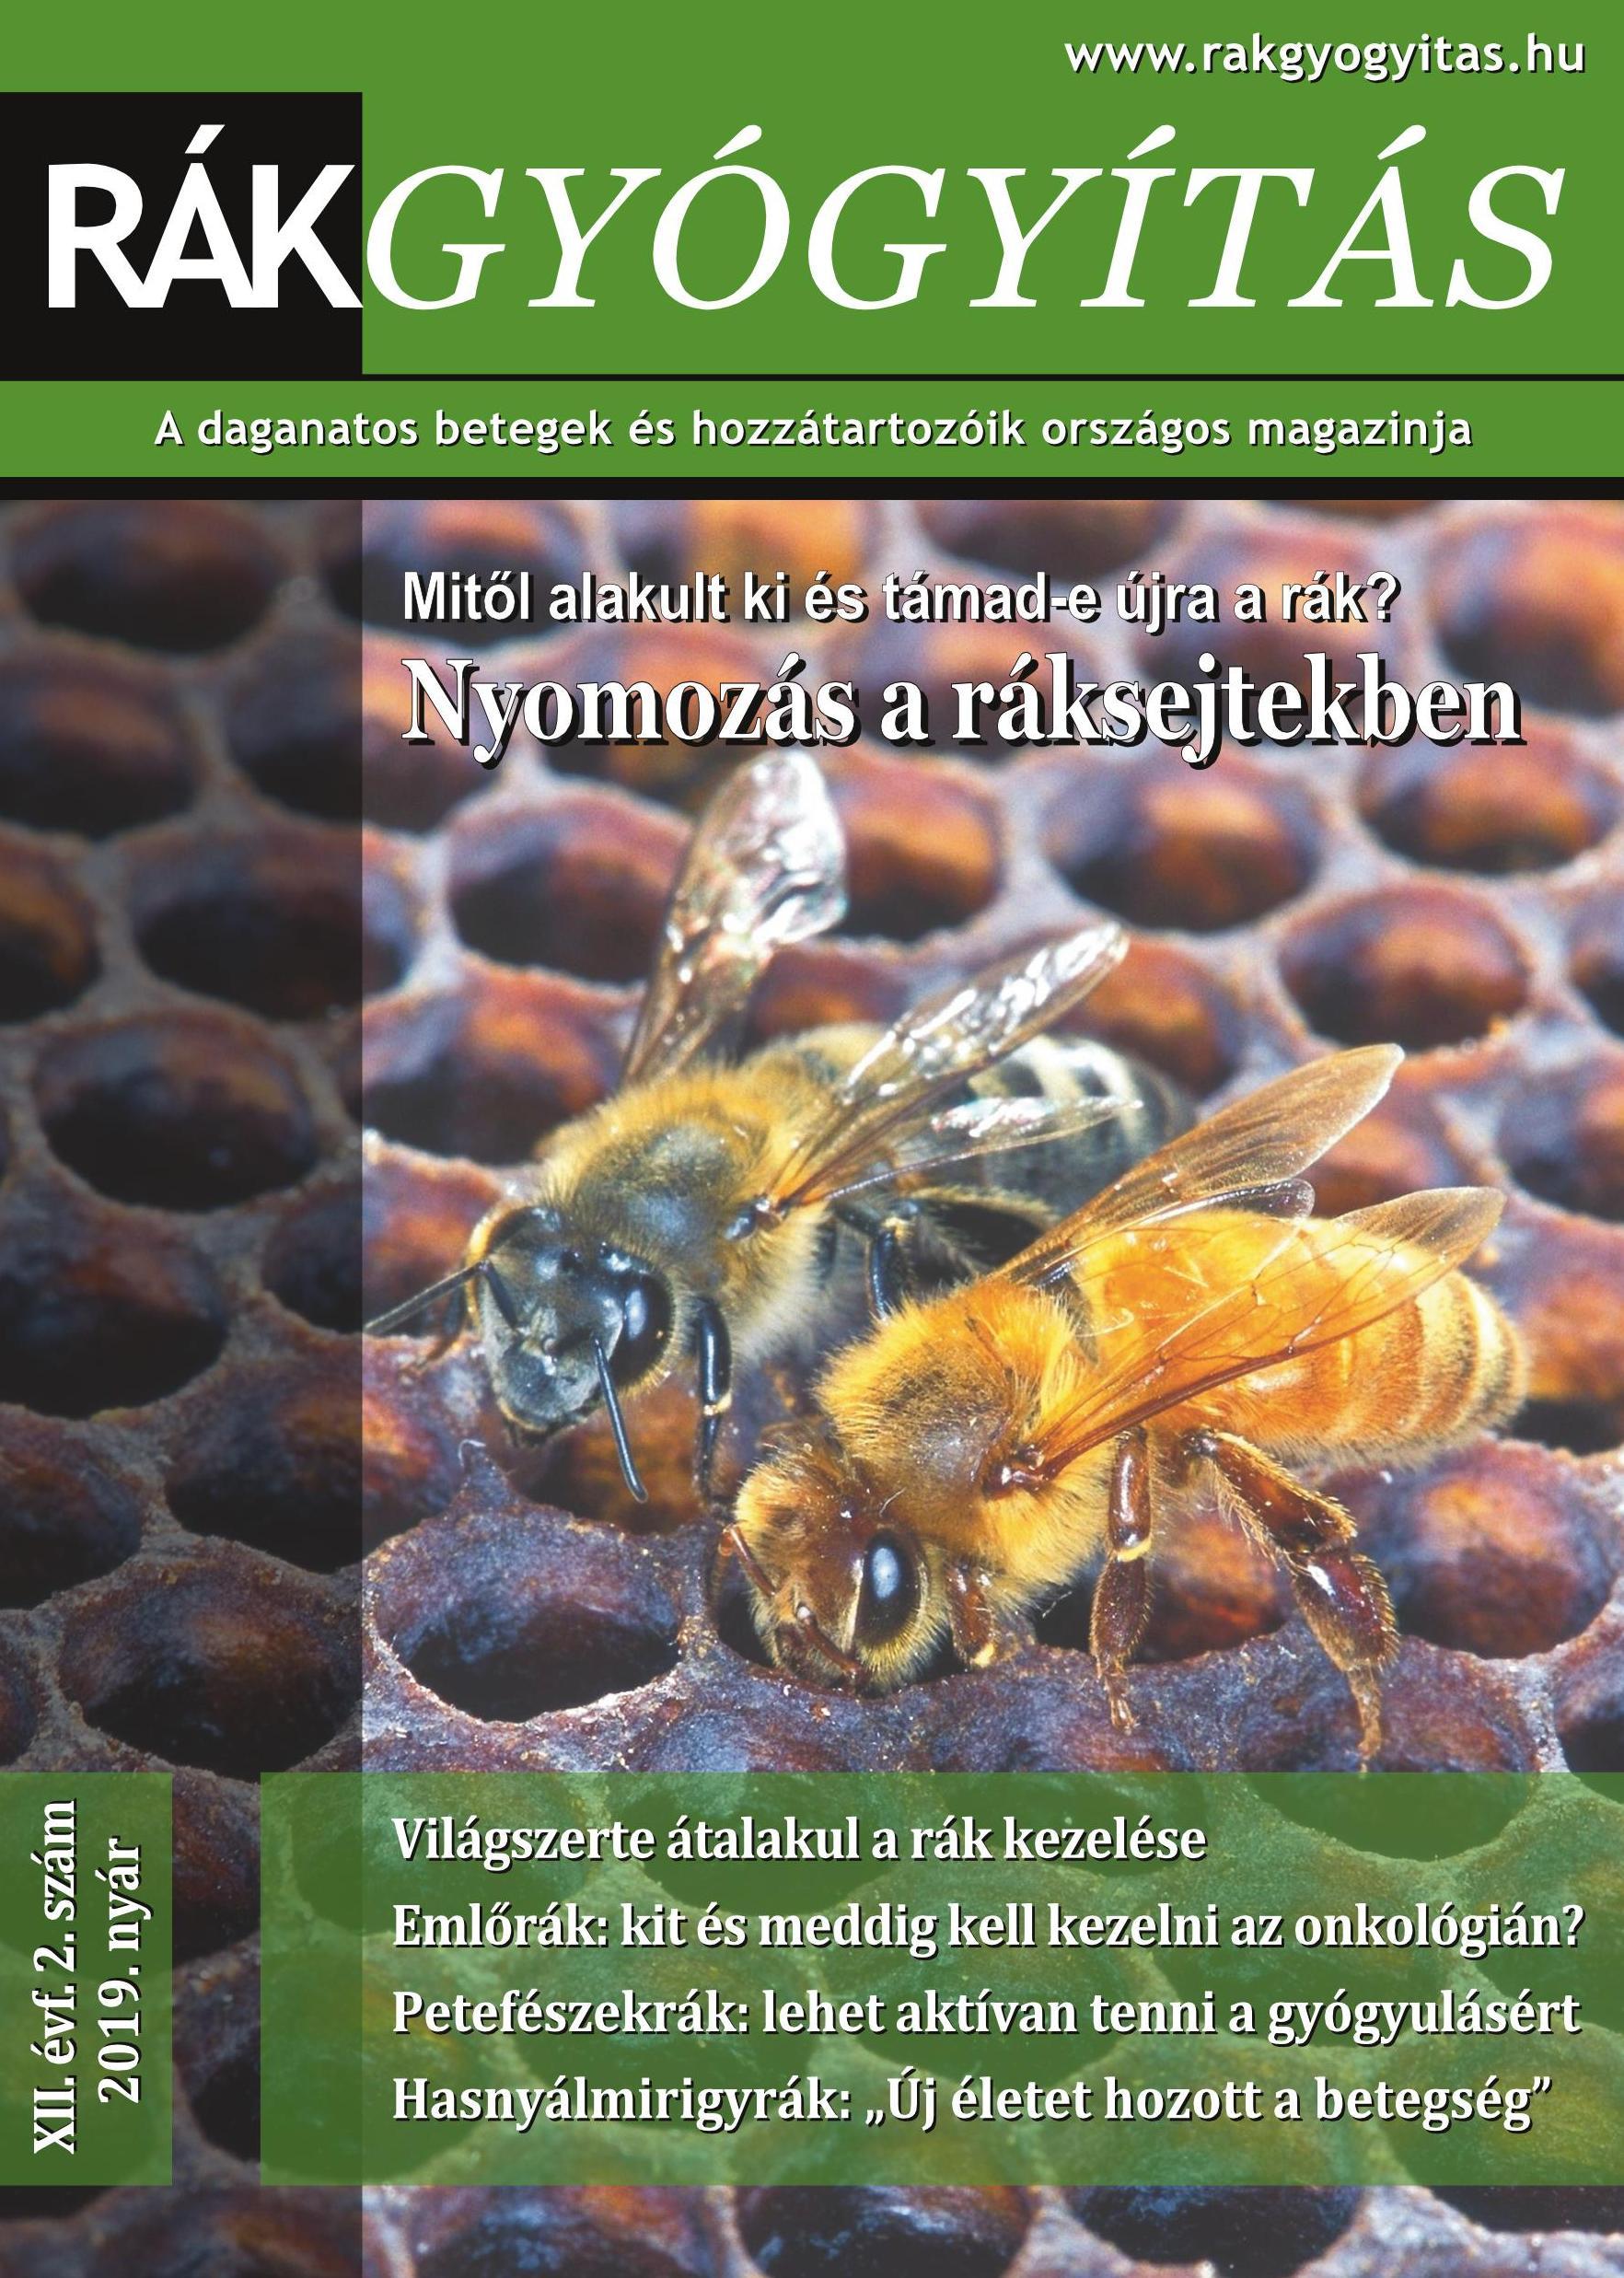 Rákgyógyítás Magazin 2019/nyár